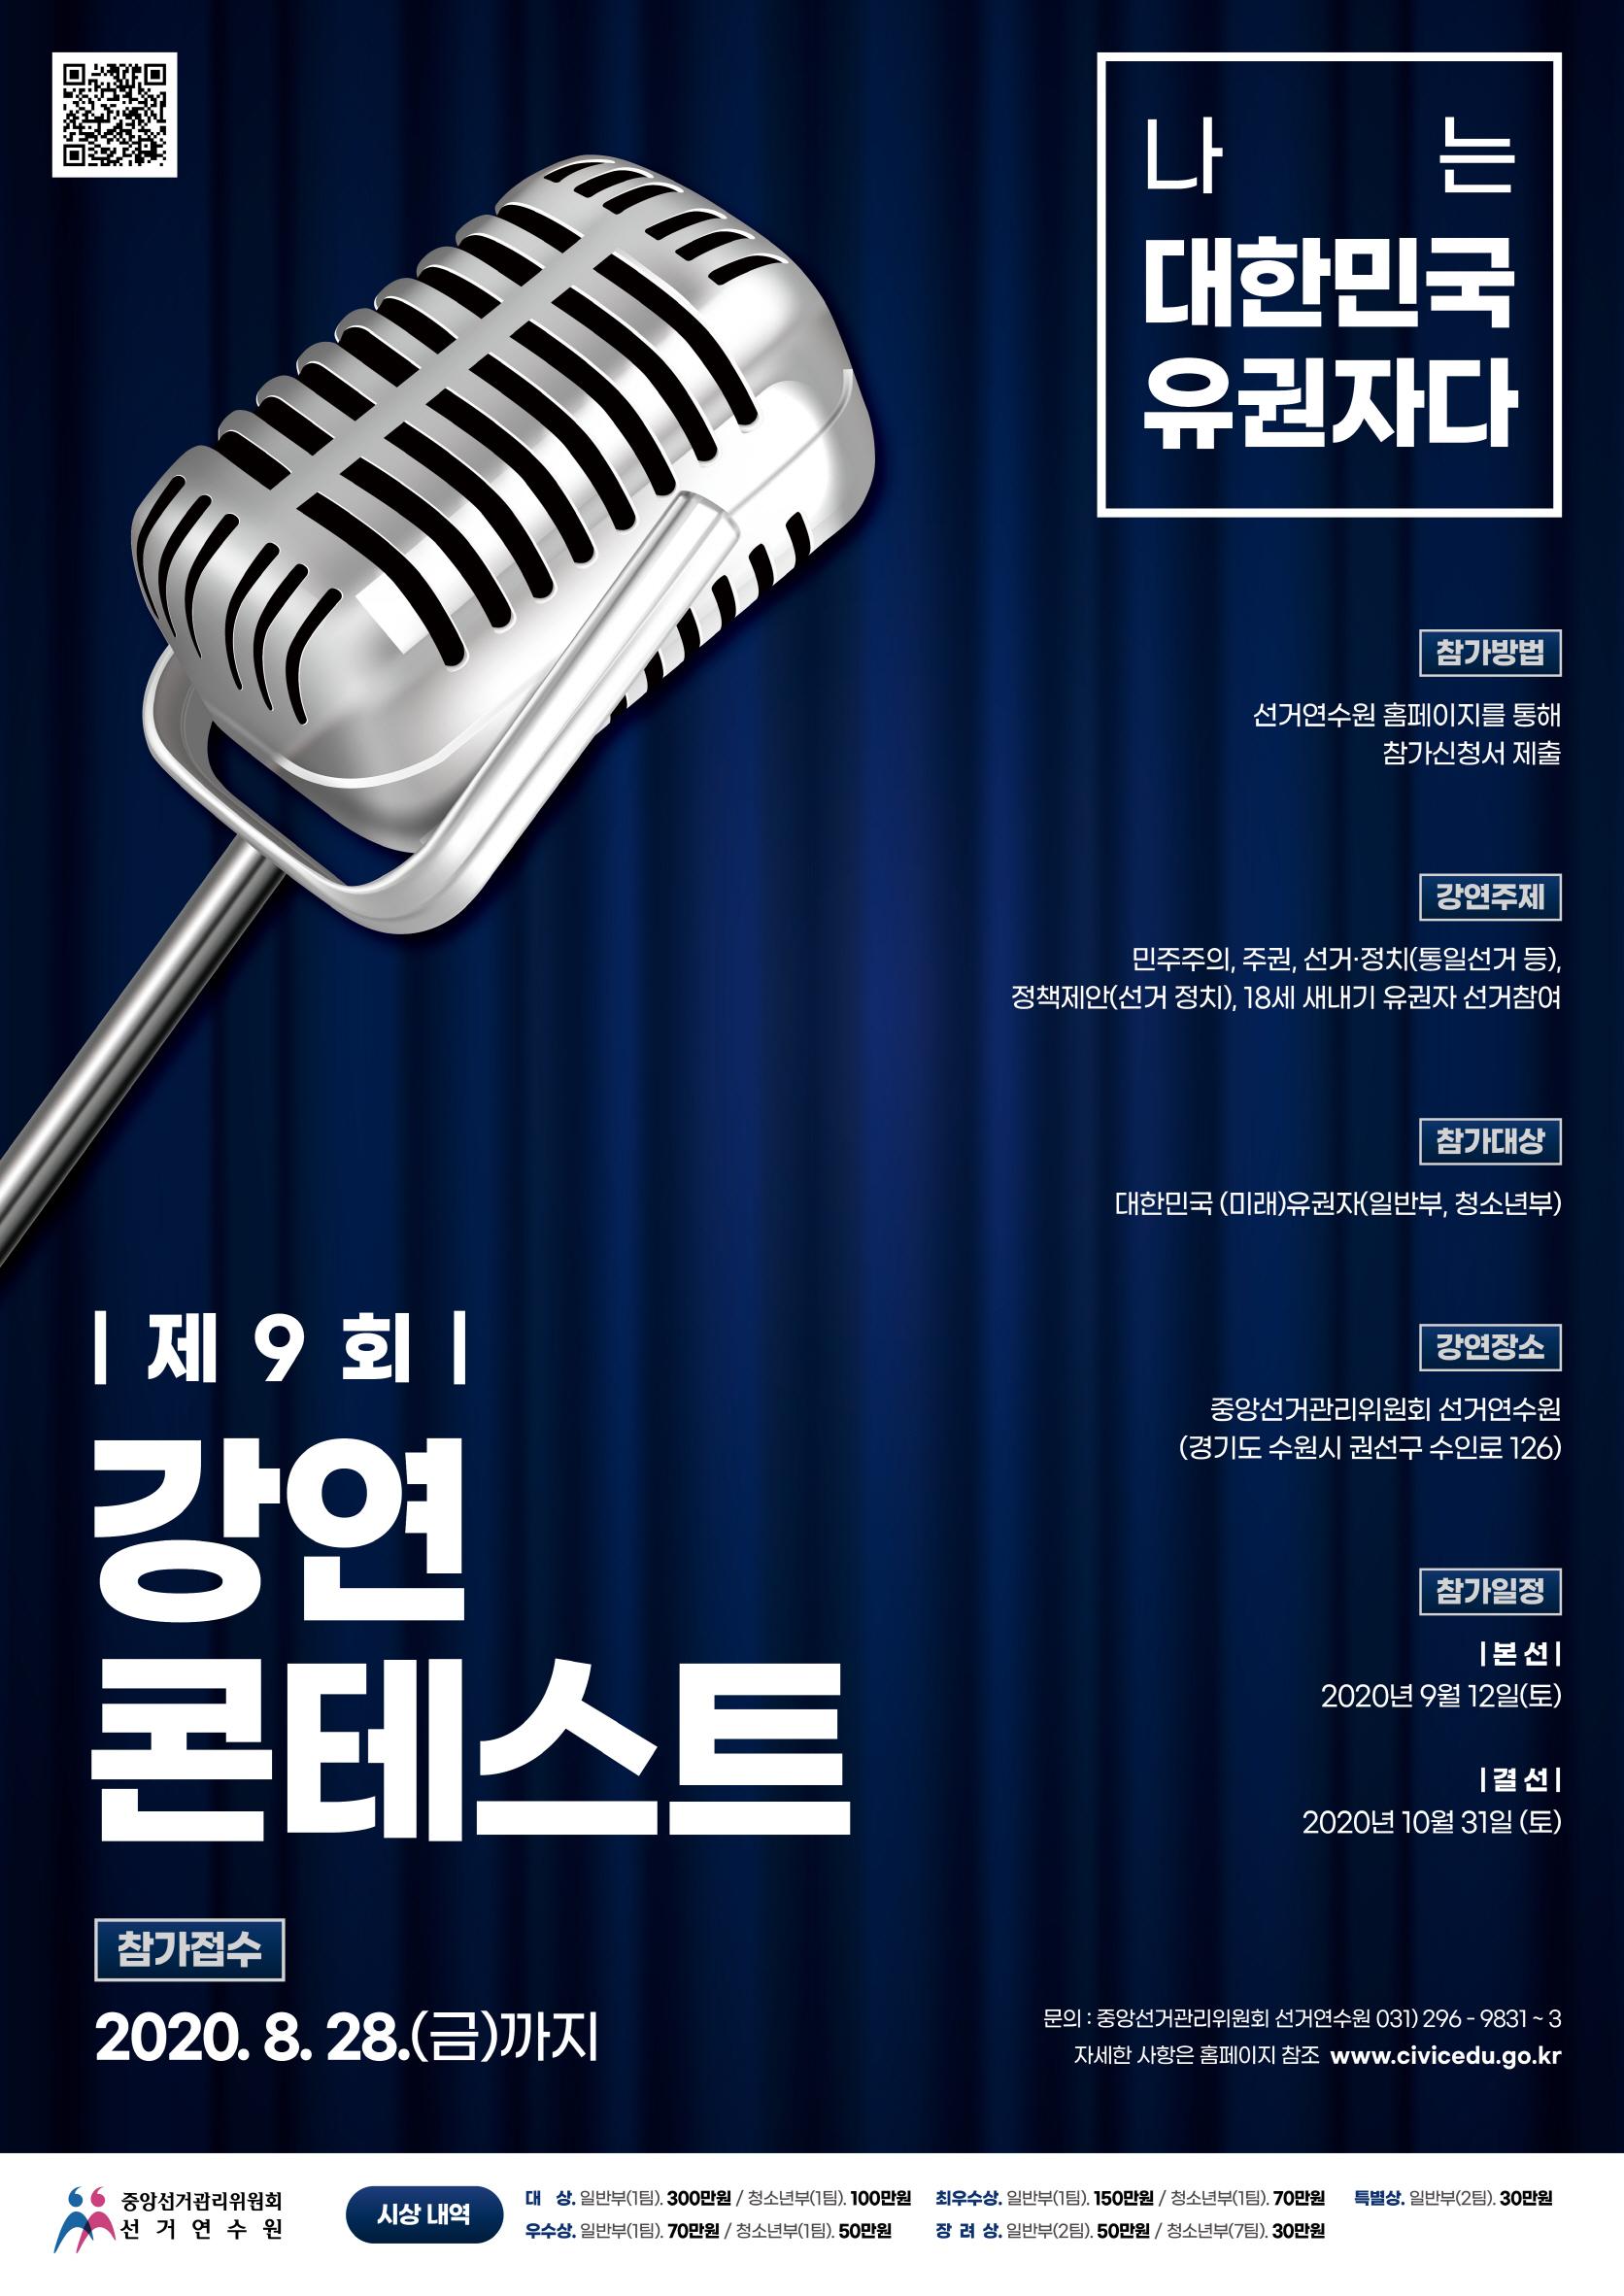 제9회 강연 콘테스트 포스터(1300k).jpg